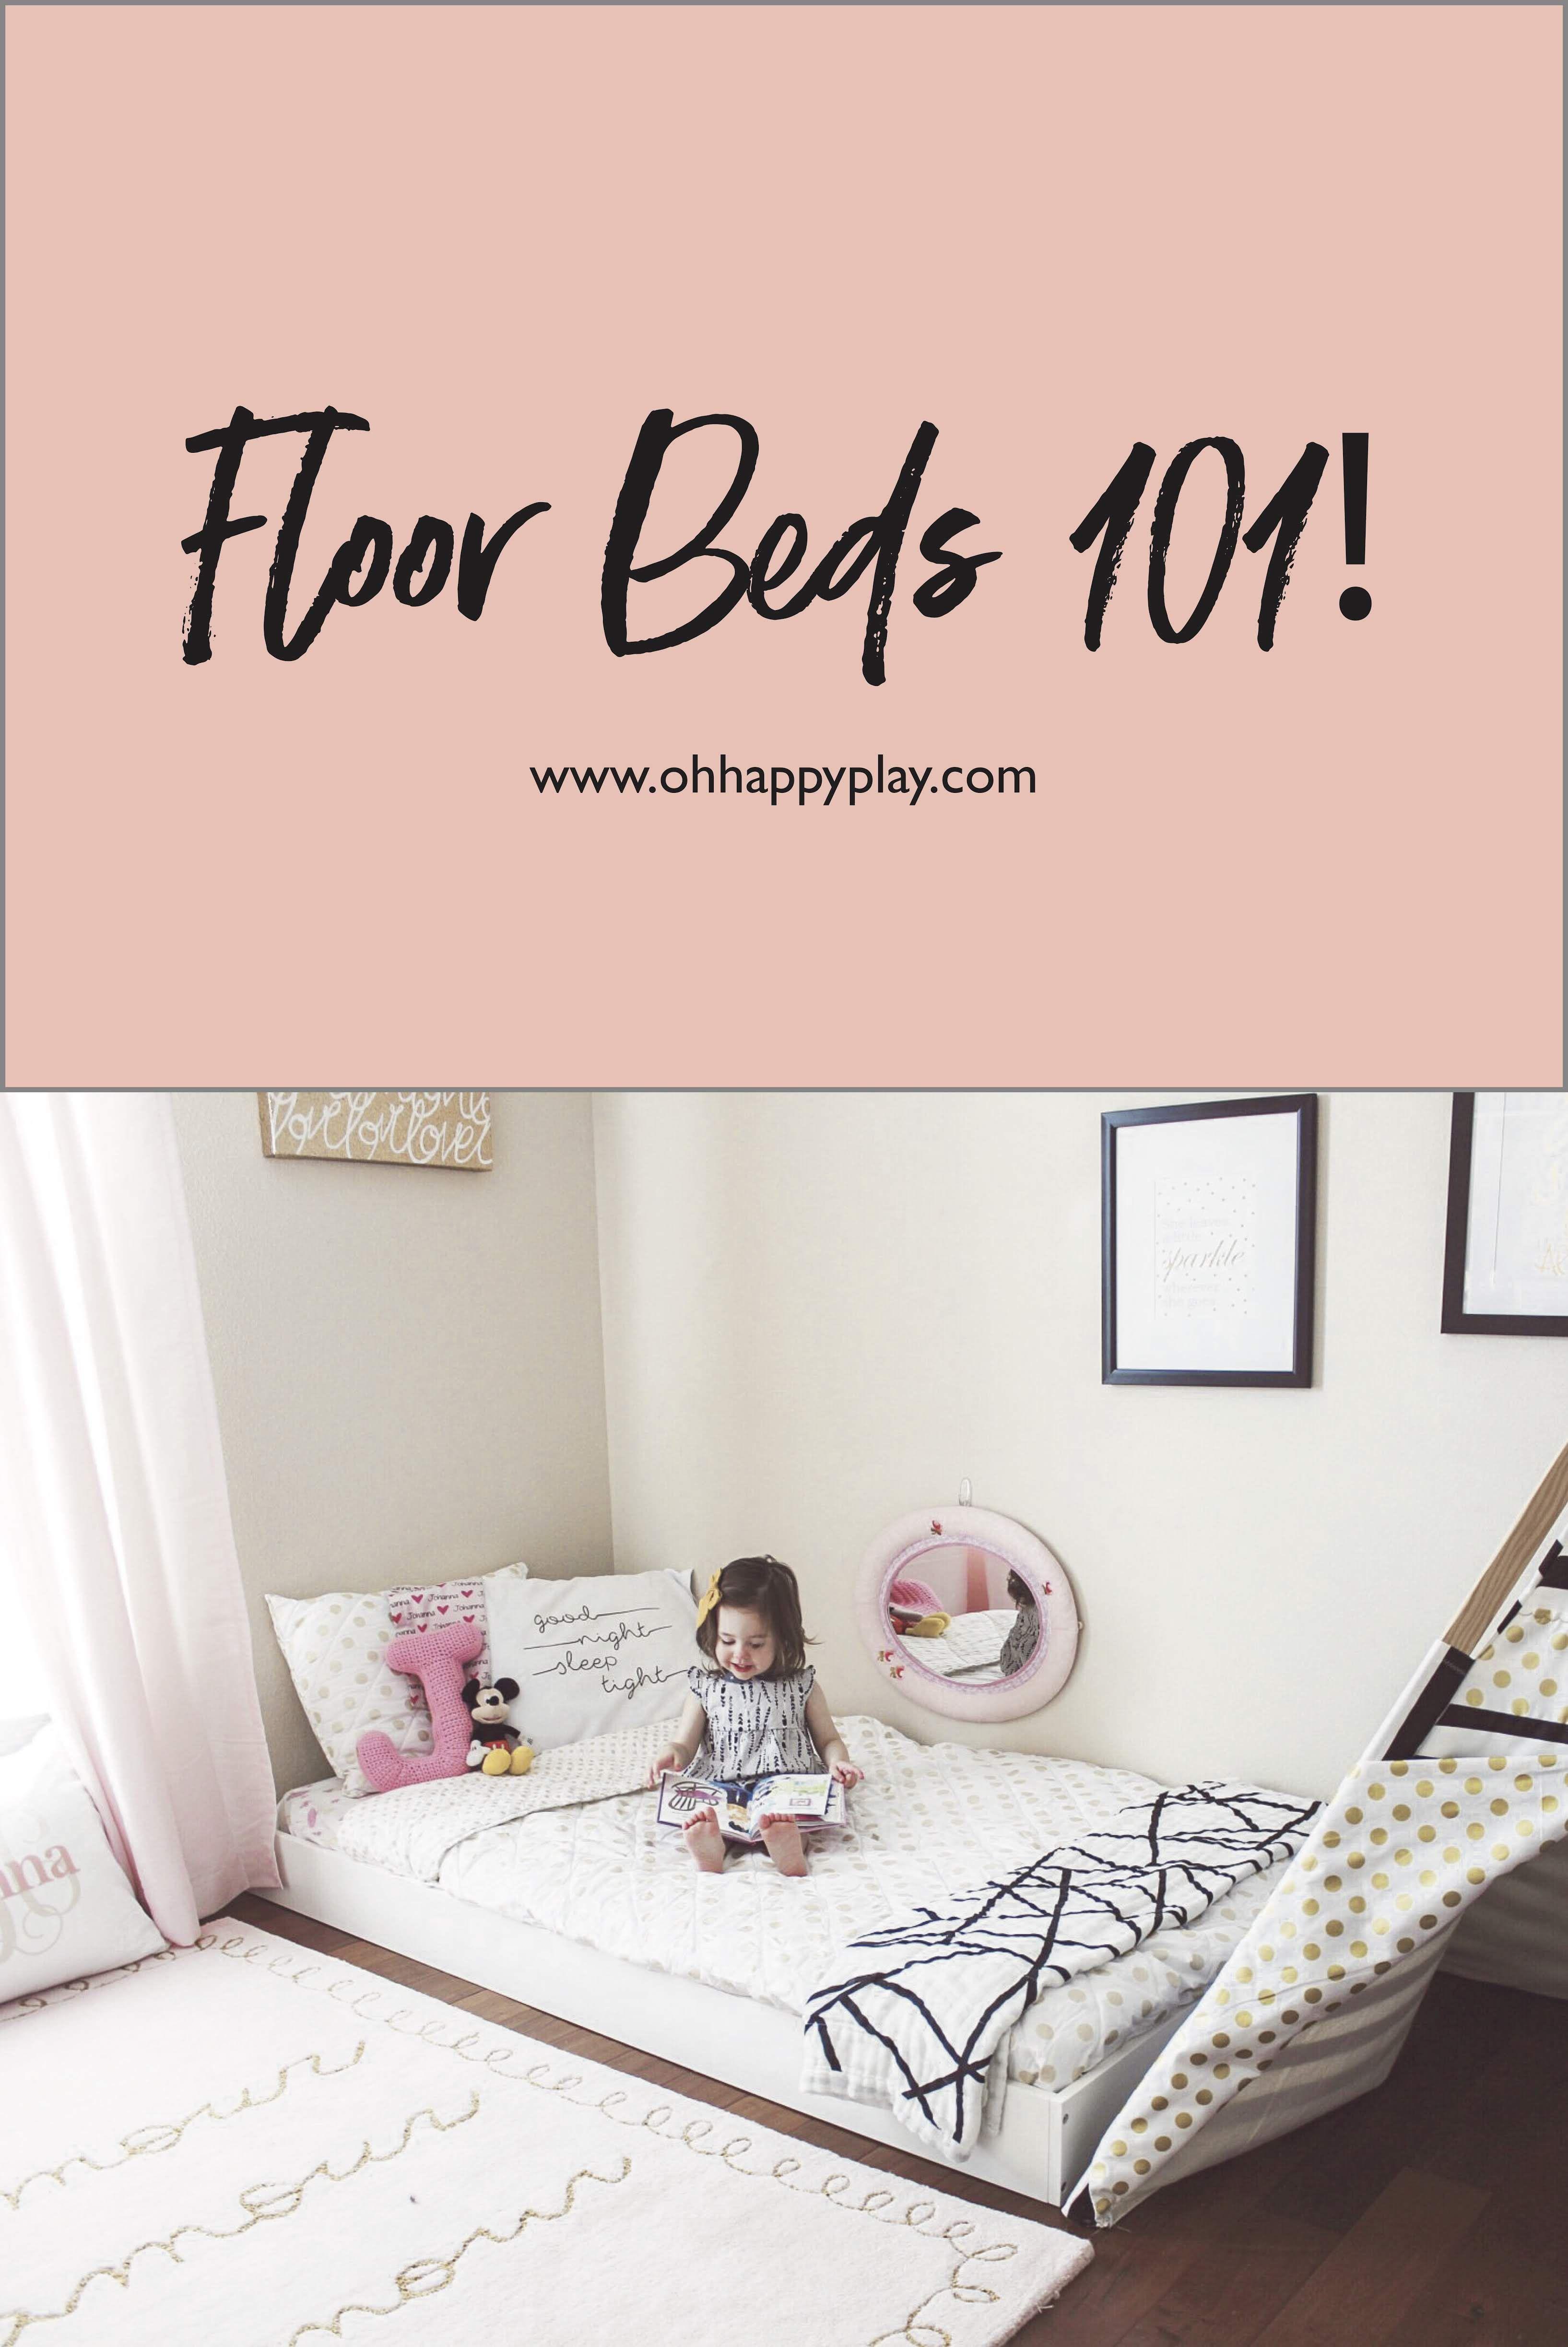 Floor Beds 101! images